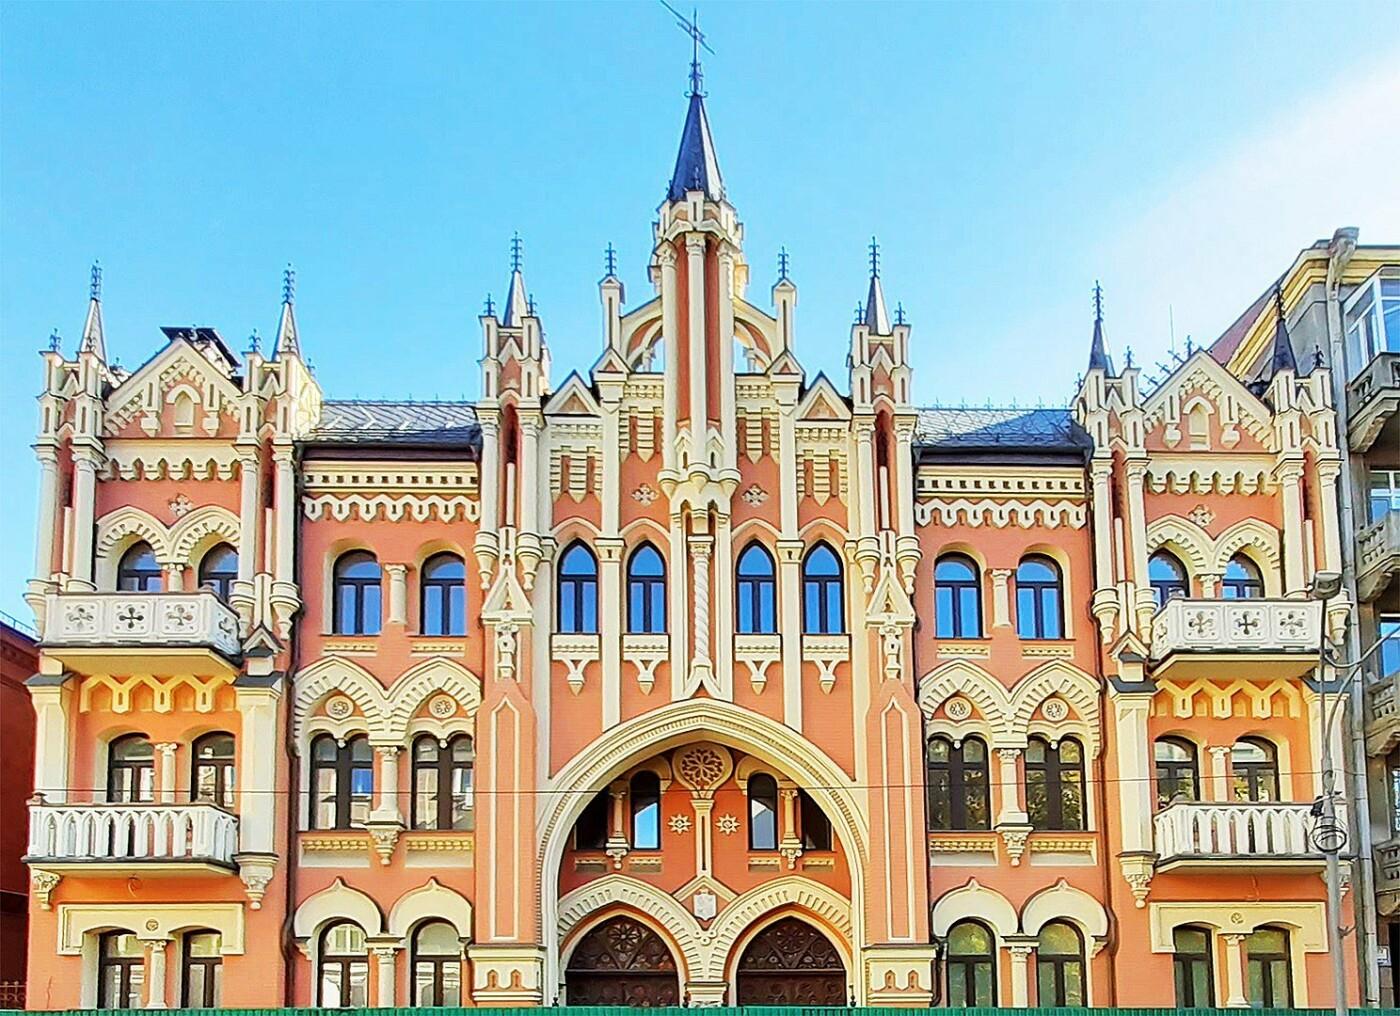 Пряничный домик в Киеве: где находится и чем примечателен замок Икскюль-Гильденбанда, - ФОТО, Фото: Википедия